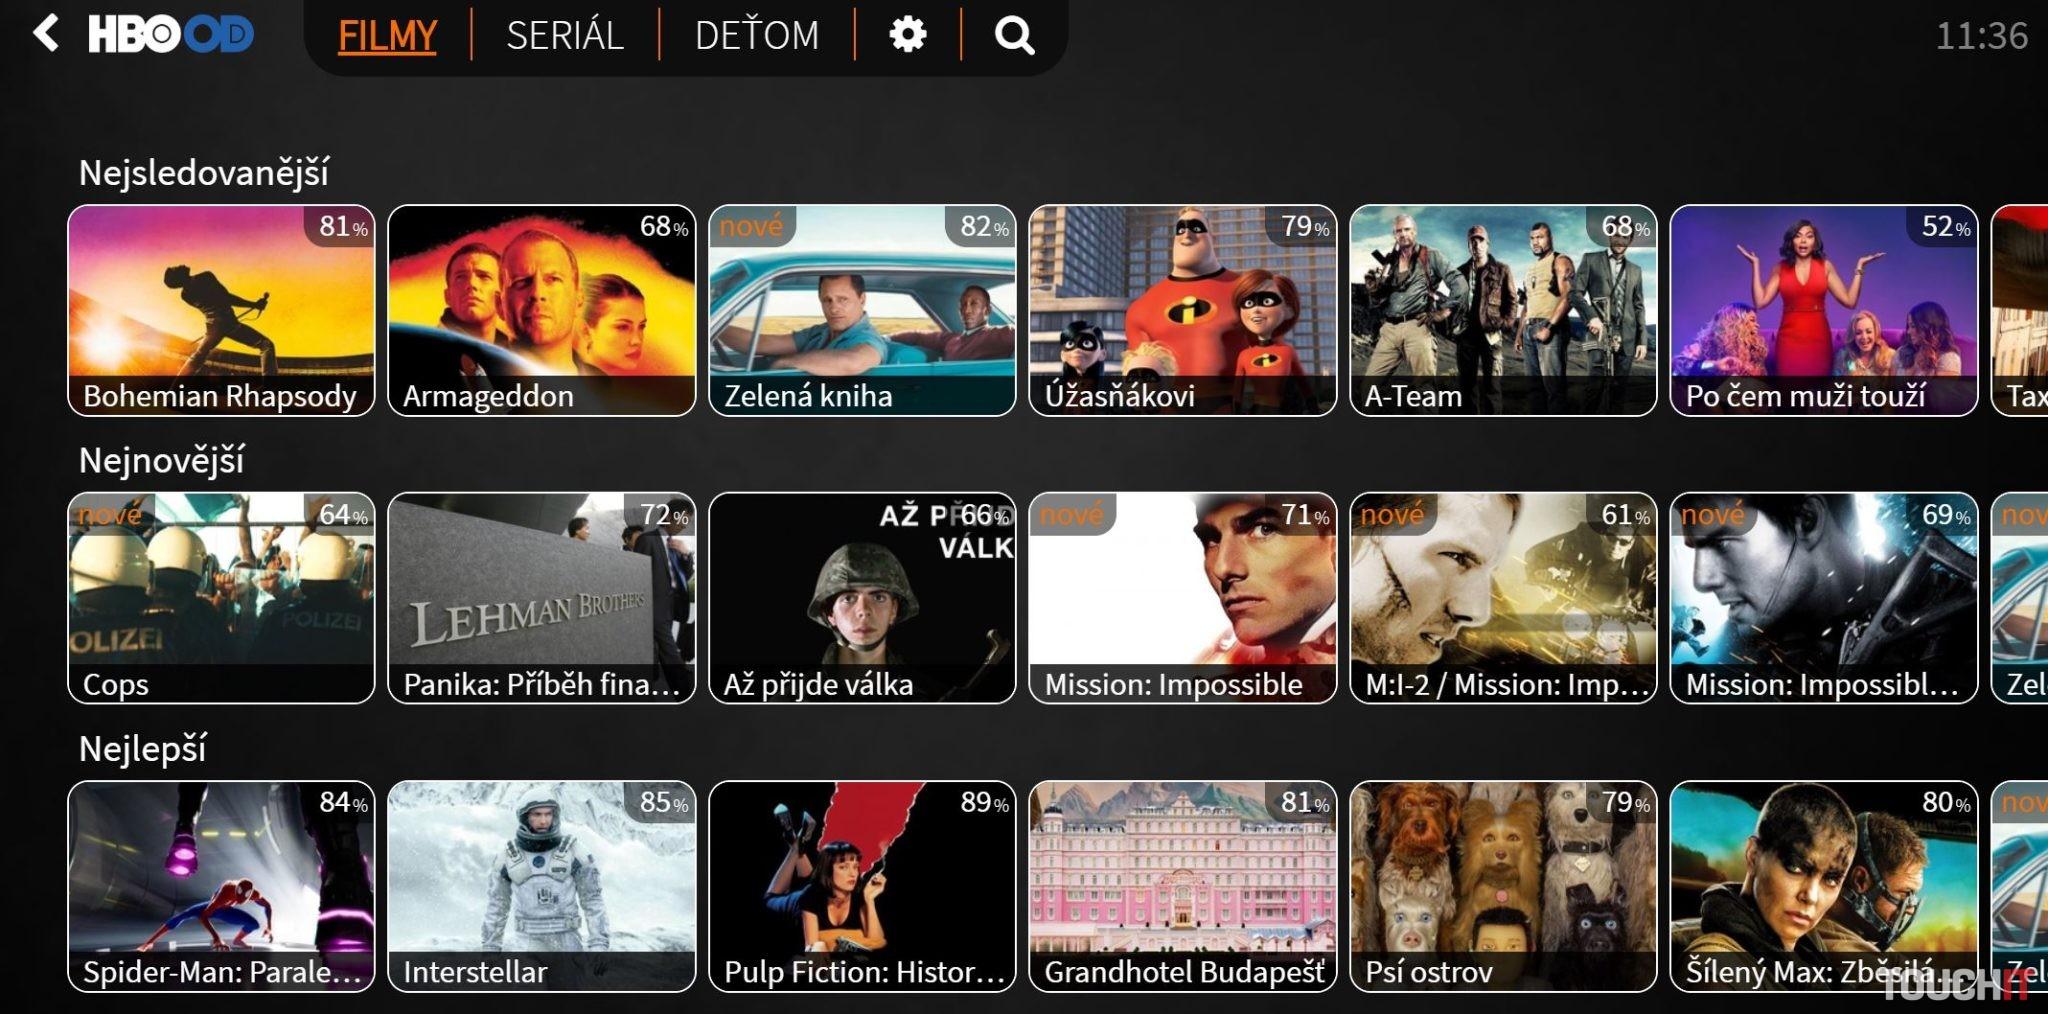 Lepšia.TV ponúka videotéku HBO OD